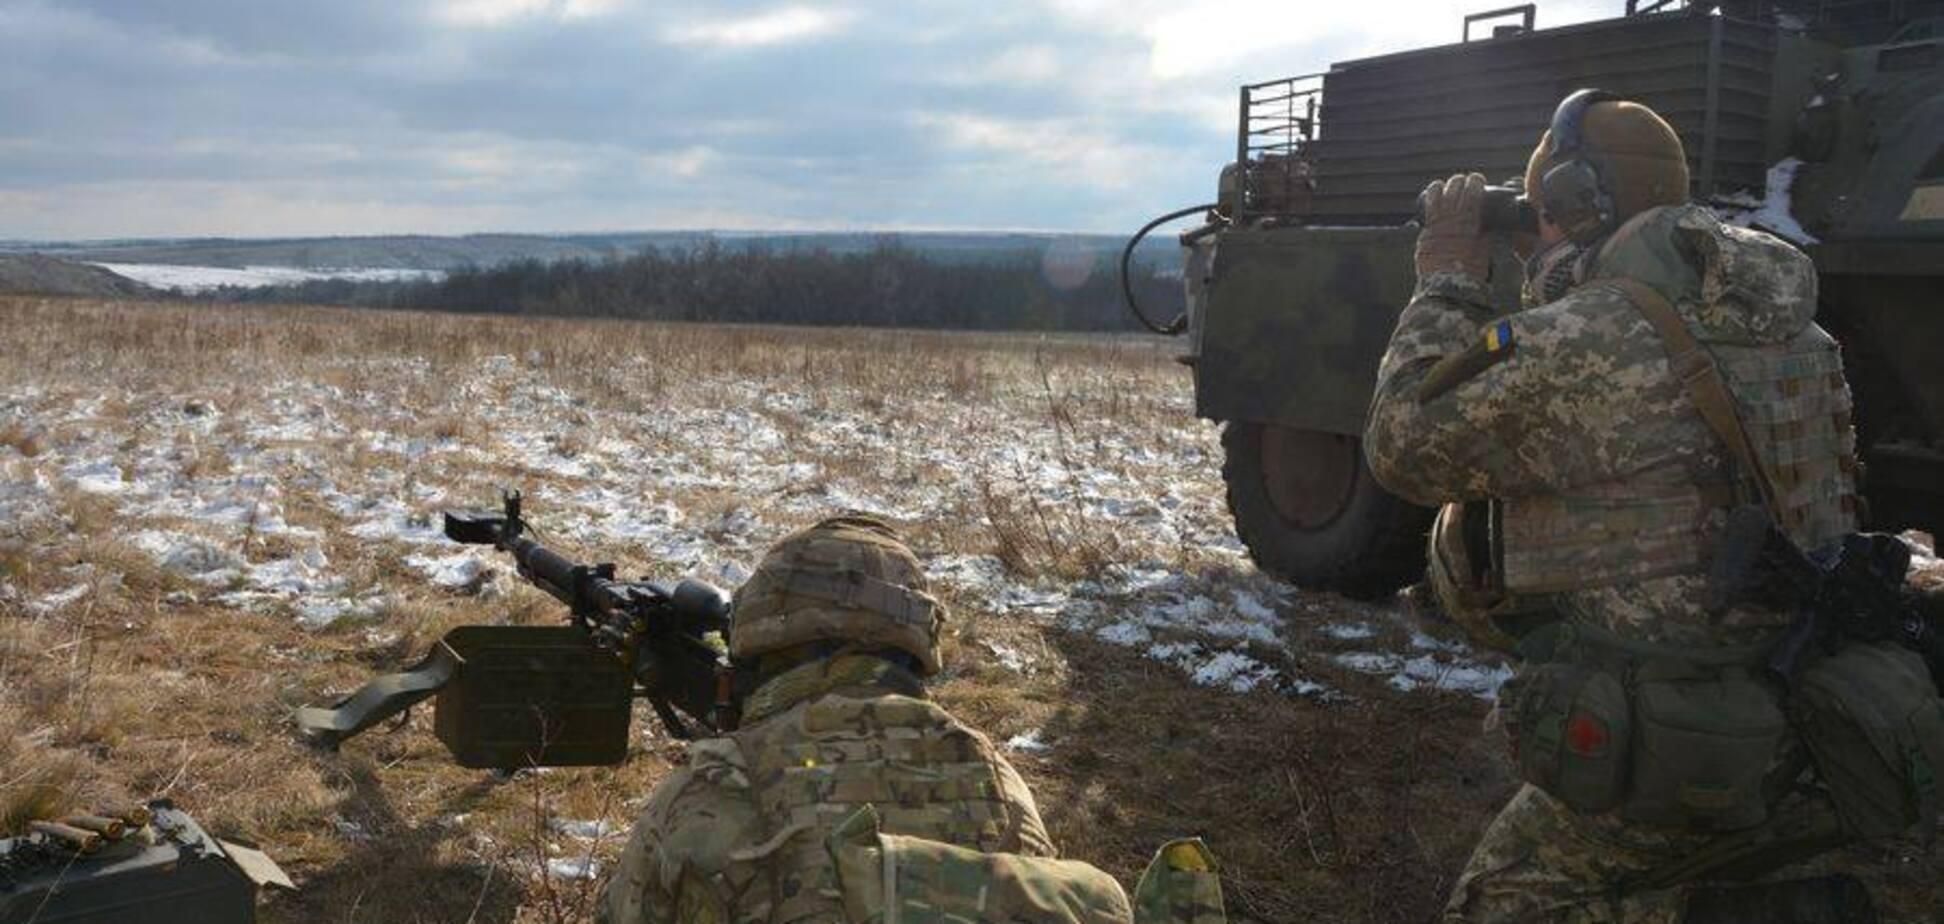 Обстановка накаляется: террористы 'Л/ДНР' интенсивно обстреляли позиции сил АТО